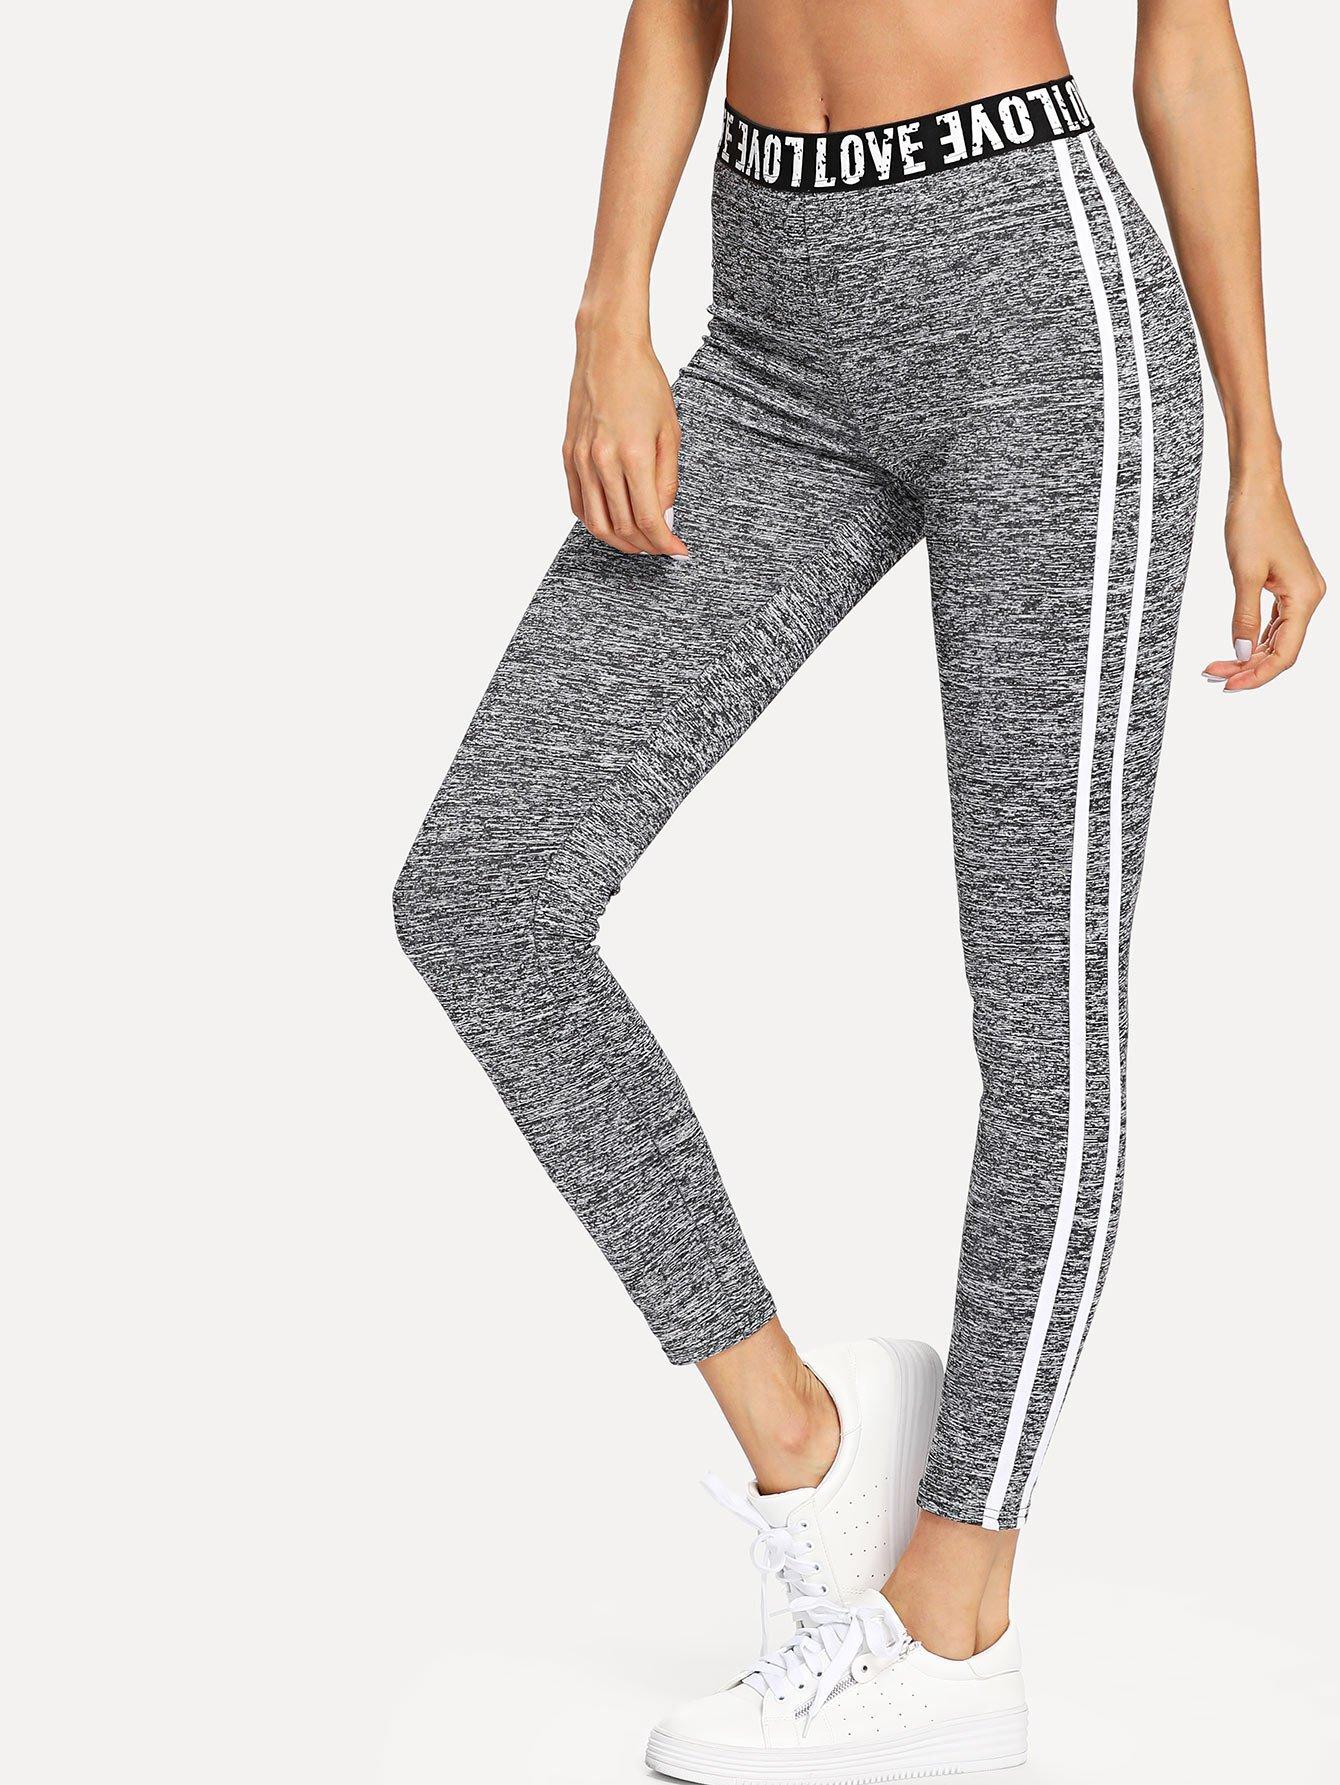 Letter Print Waist Striped Side Leggings drawstring waist side striped leggings